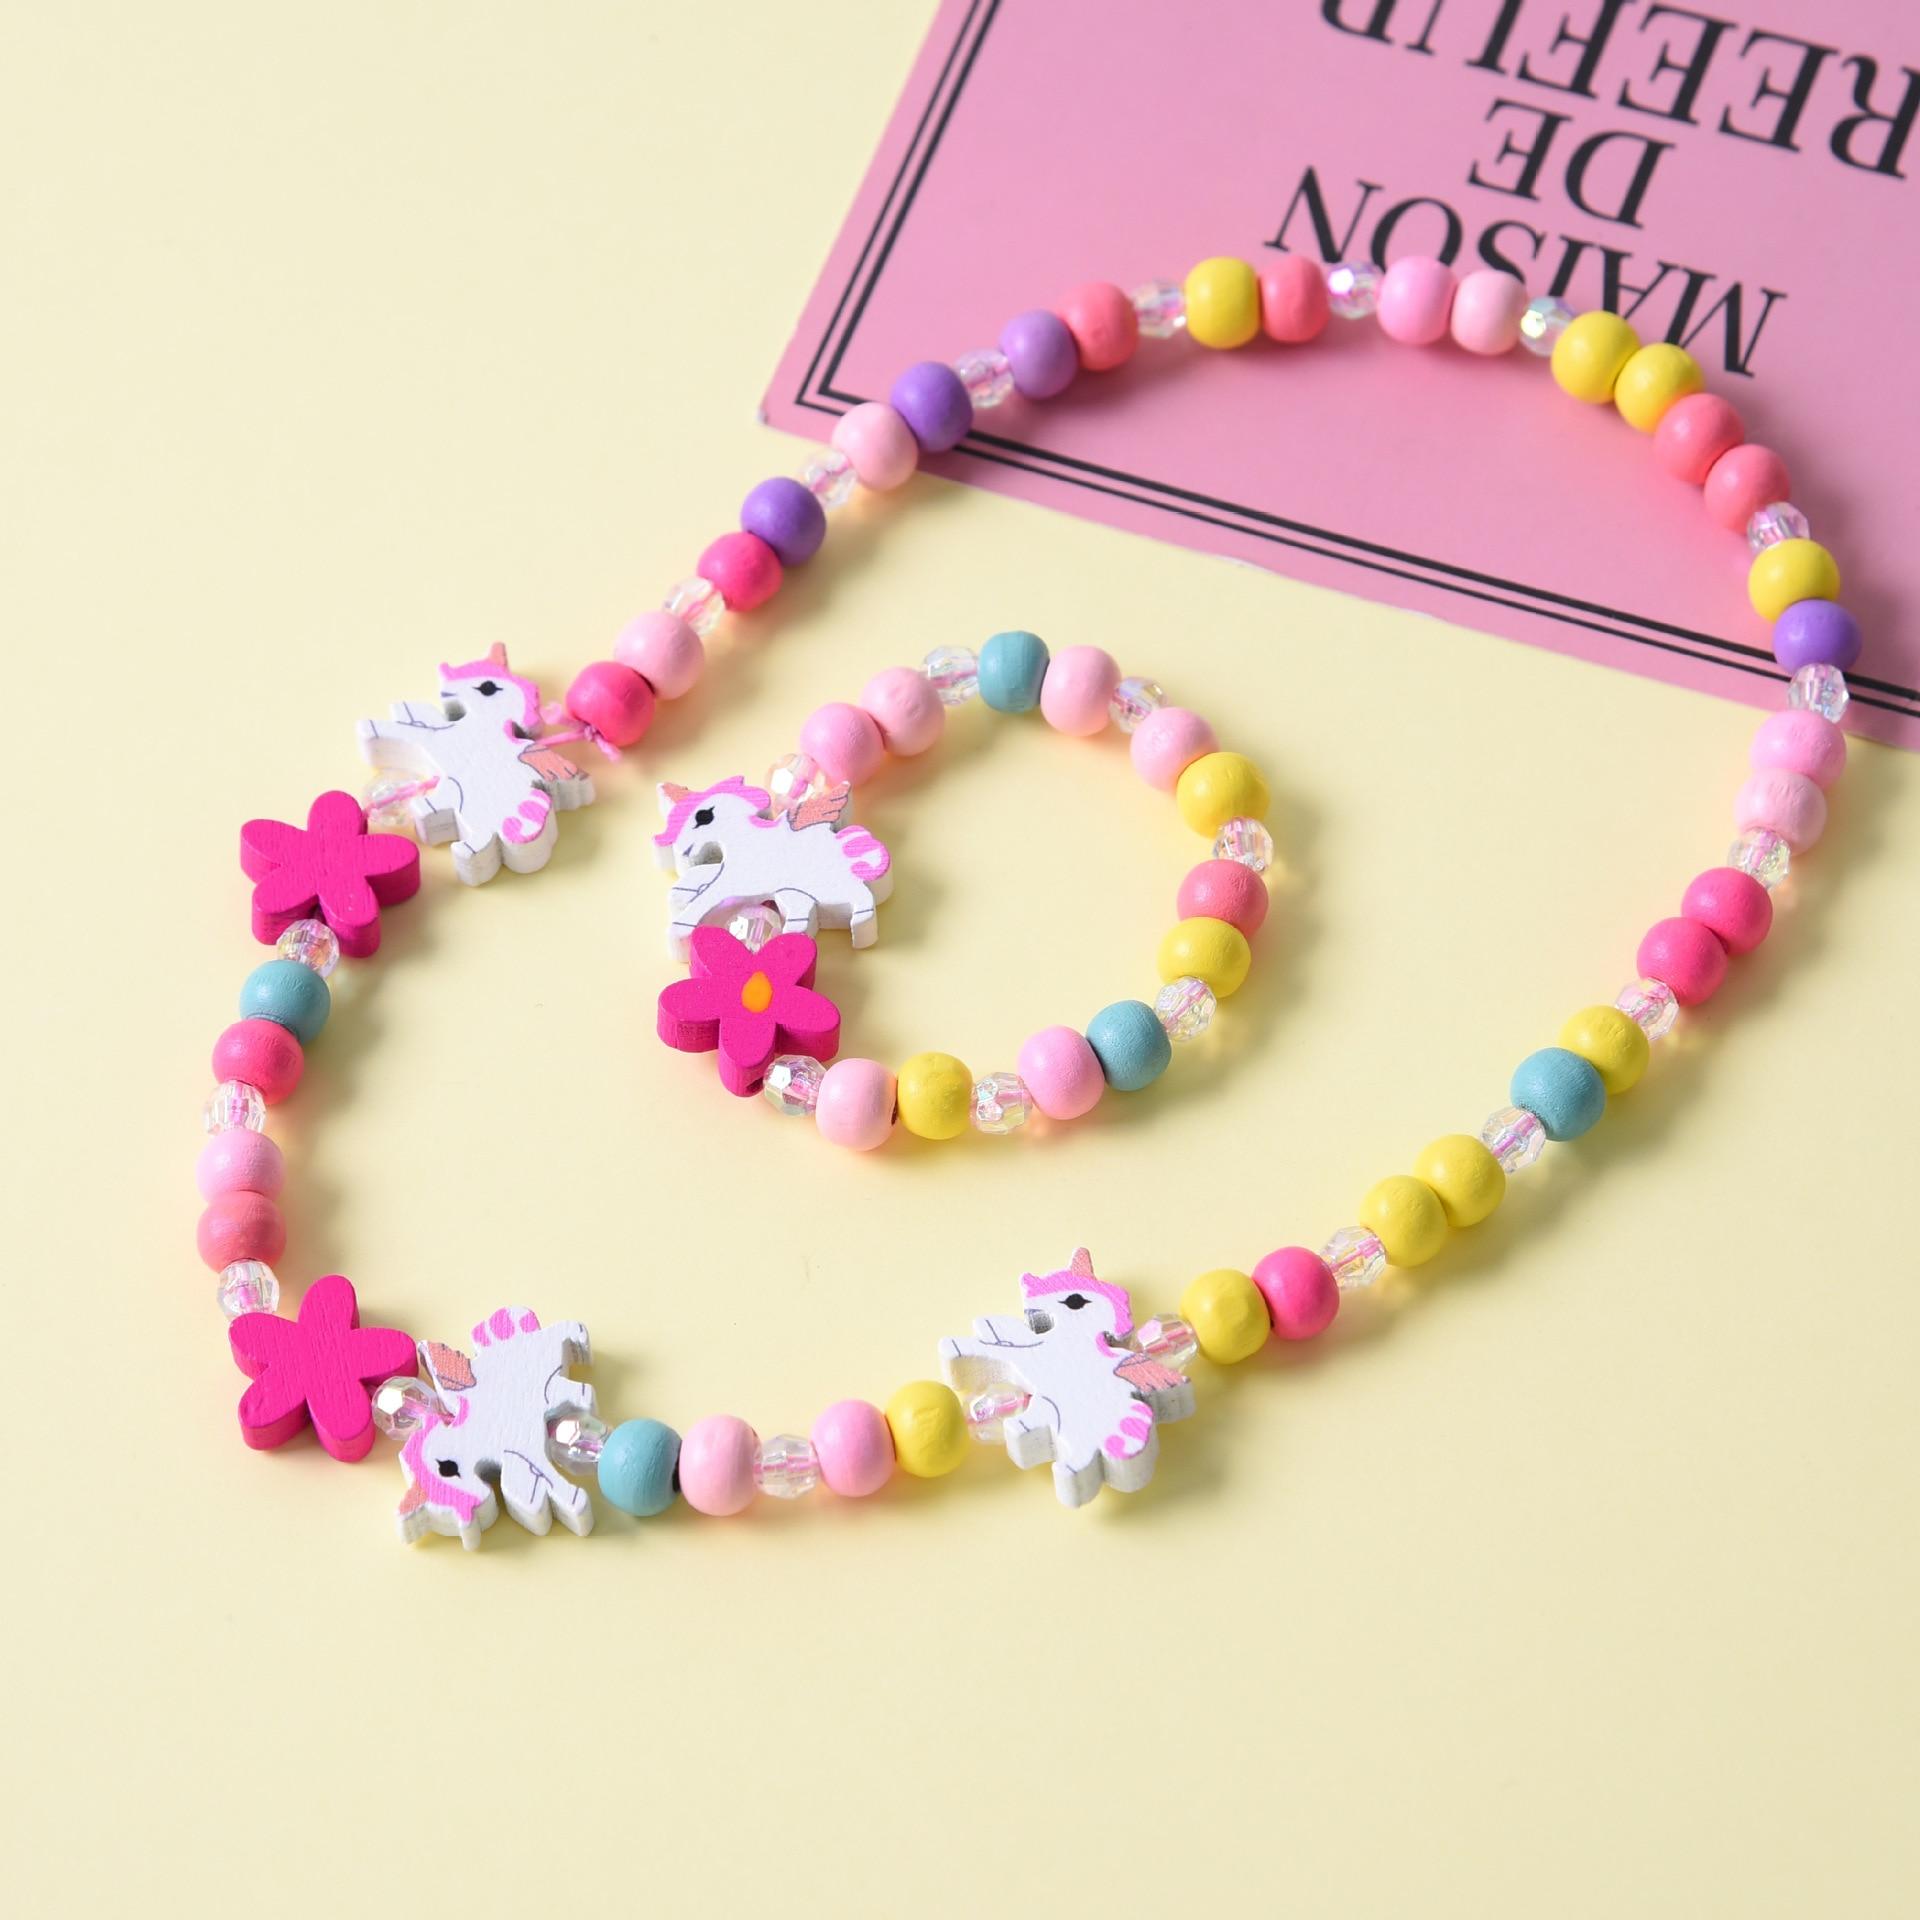 2 шт./компл., модное ювелирное изделие, милое животное, ожерелье, браслет, Модное детское ювелирное изделие, подарок на день рождения для дево...